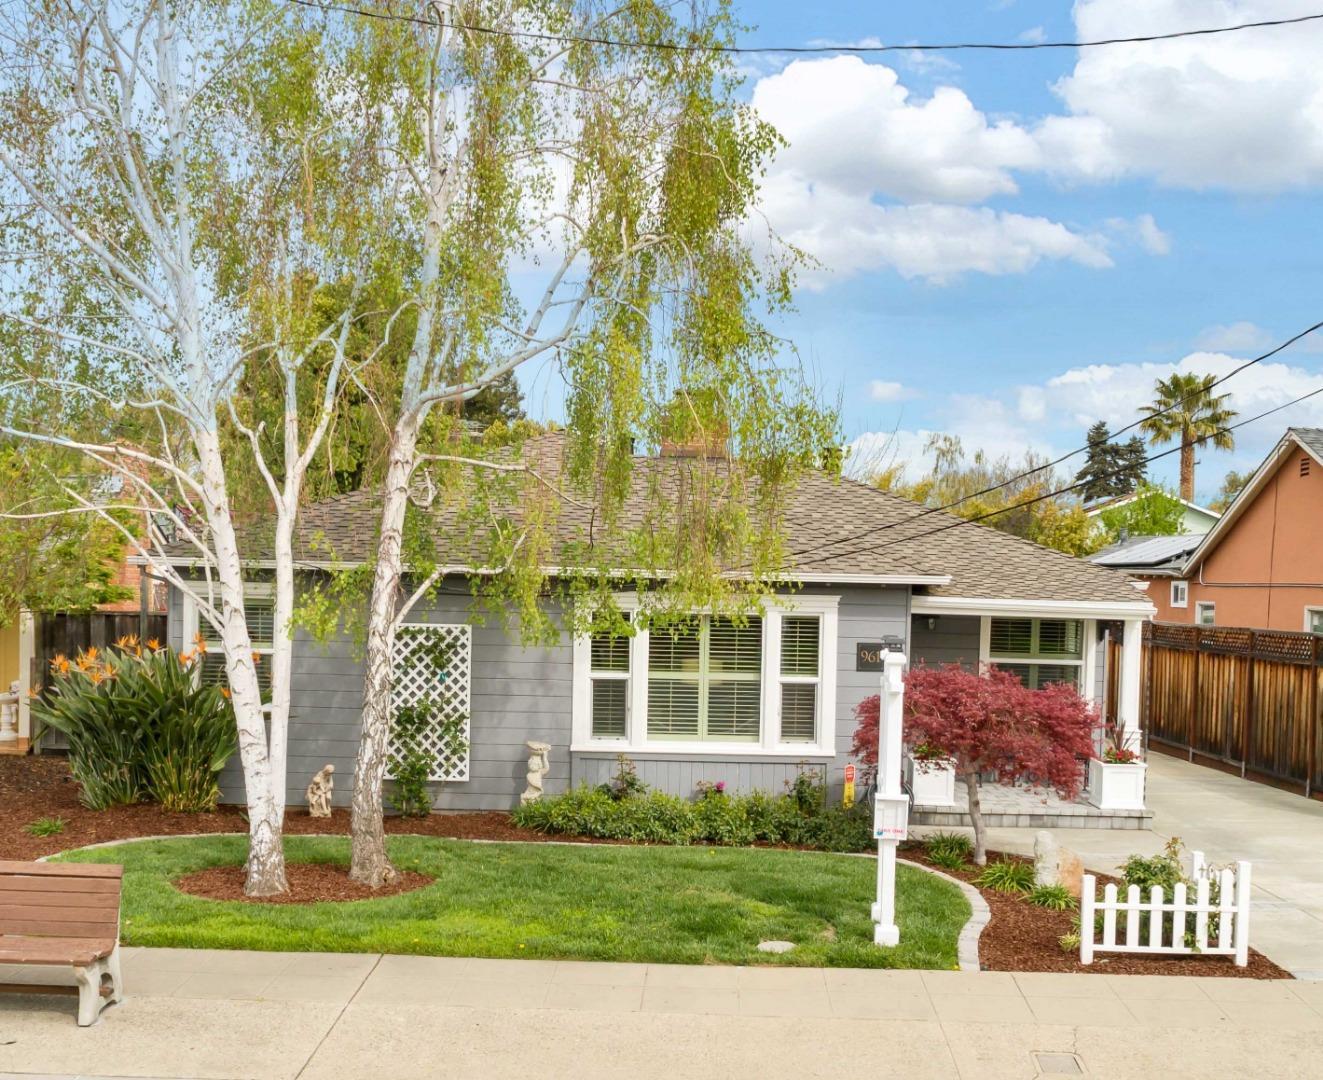 961 Curtner AVE, SAN JOSE, California